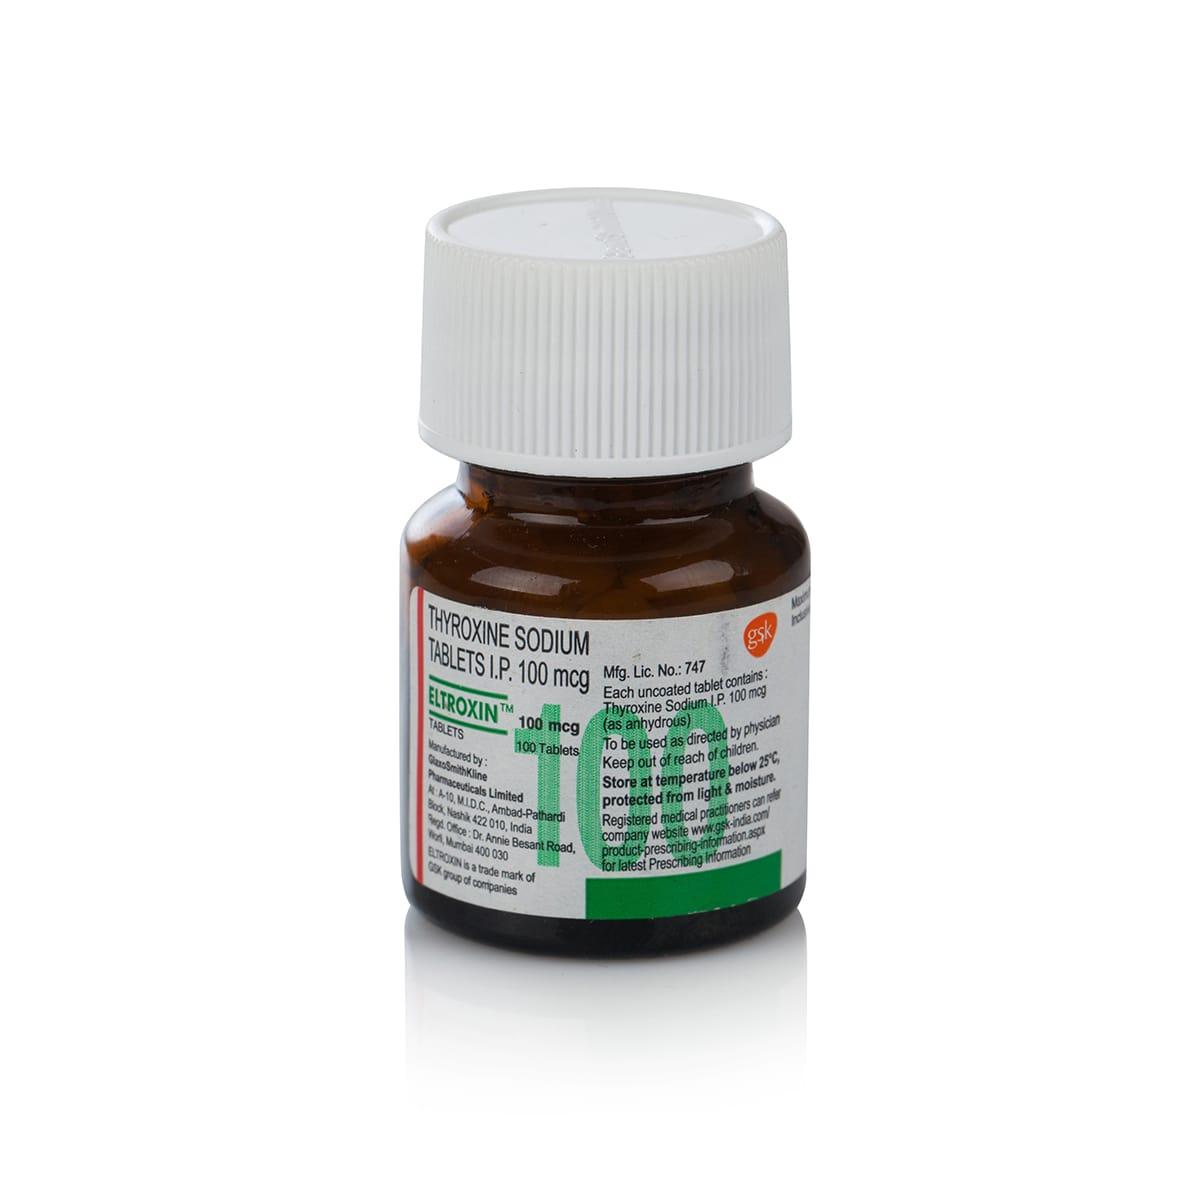 Т-4 (тироксин) – 100 табл. х 100 мкг.